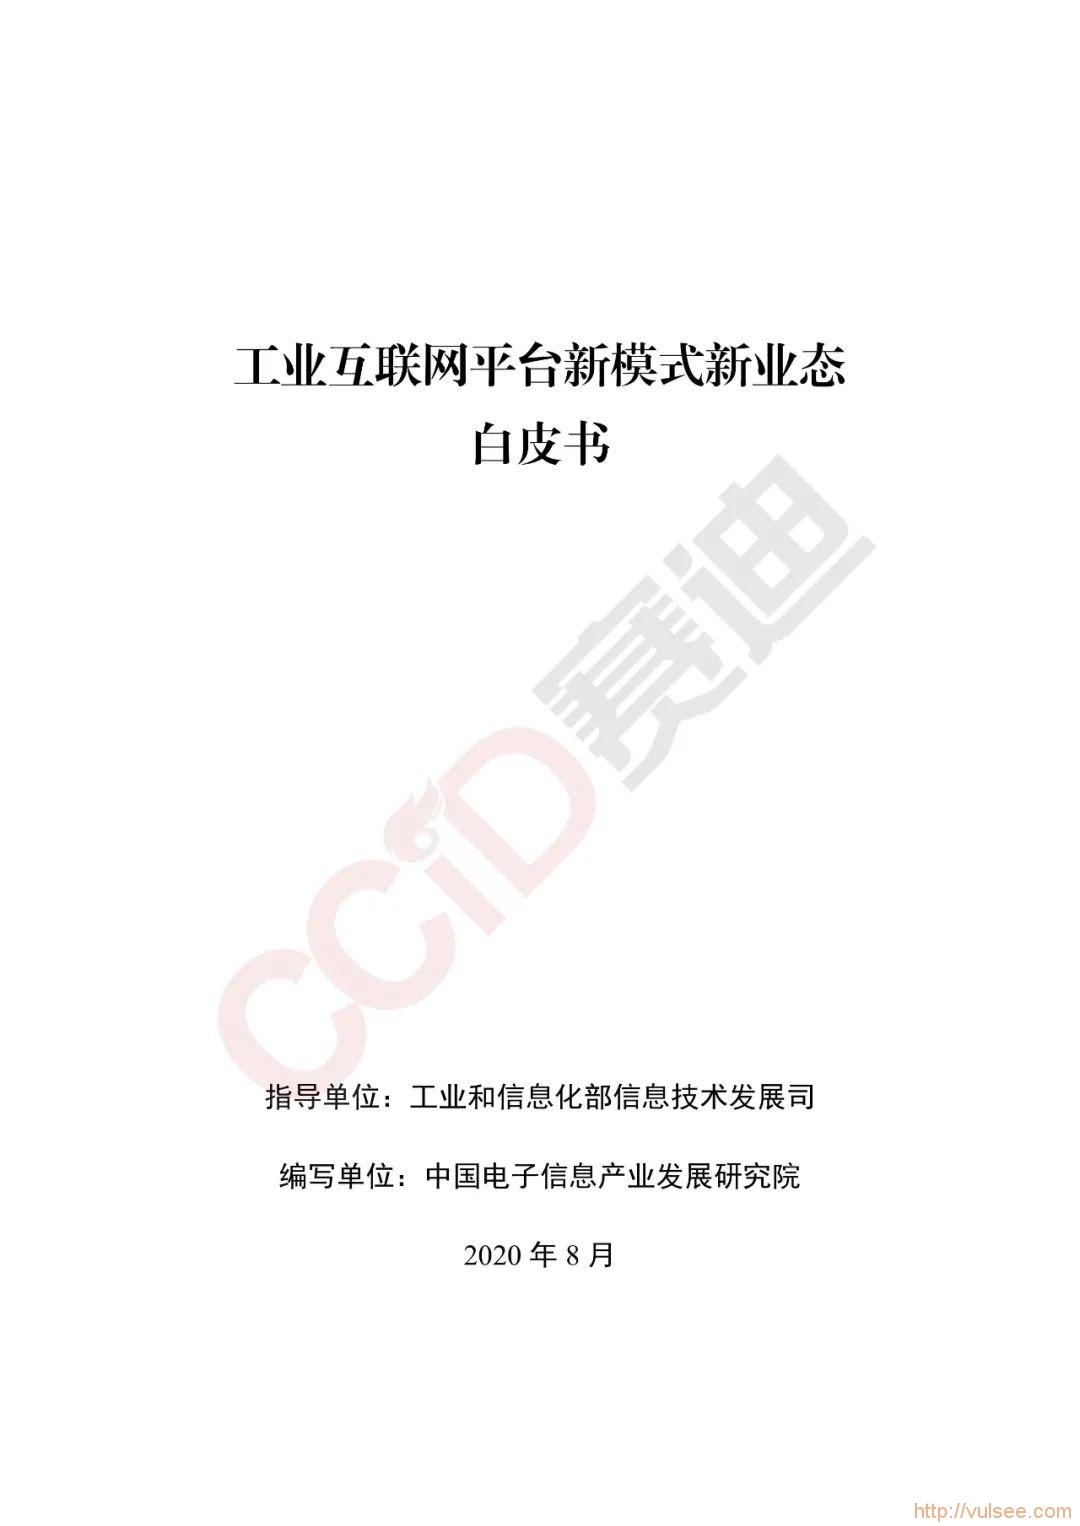 可下载|赛迪智库发布《工业互联网平台新模式新业态白皮书》